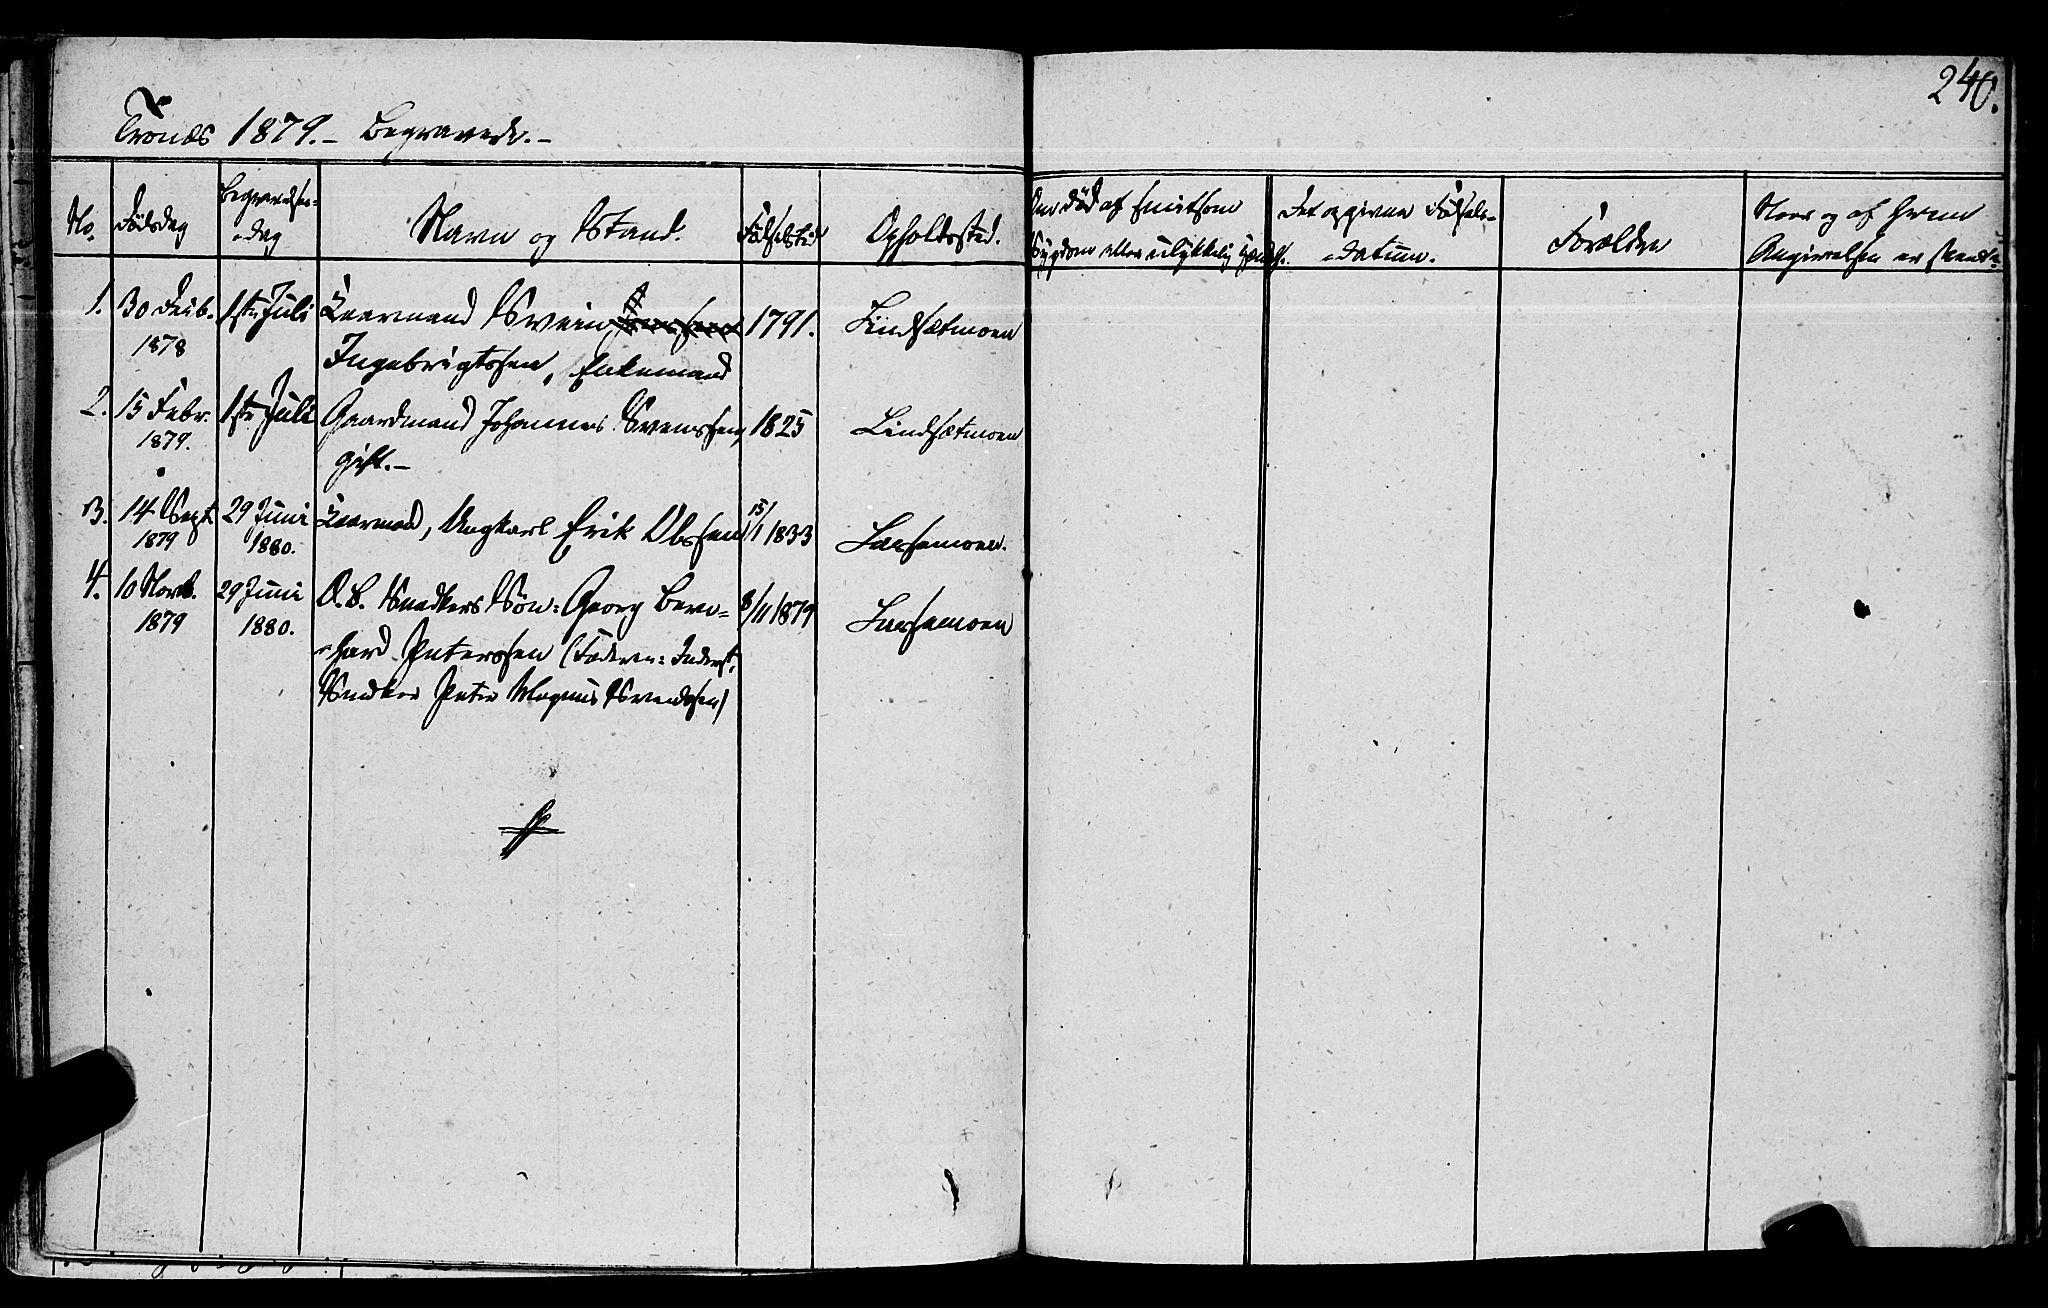 SAT, Ministerialprotokoller, klokkerbøker og fødselsregistre - Nord-Trøndelag, 762/L0538: Ministerialbok nr. 762A02 /2, 1833-1879, s. 240